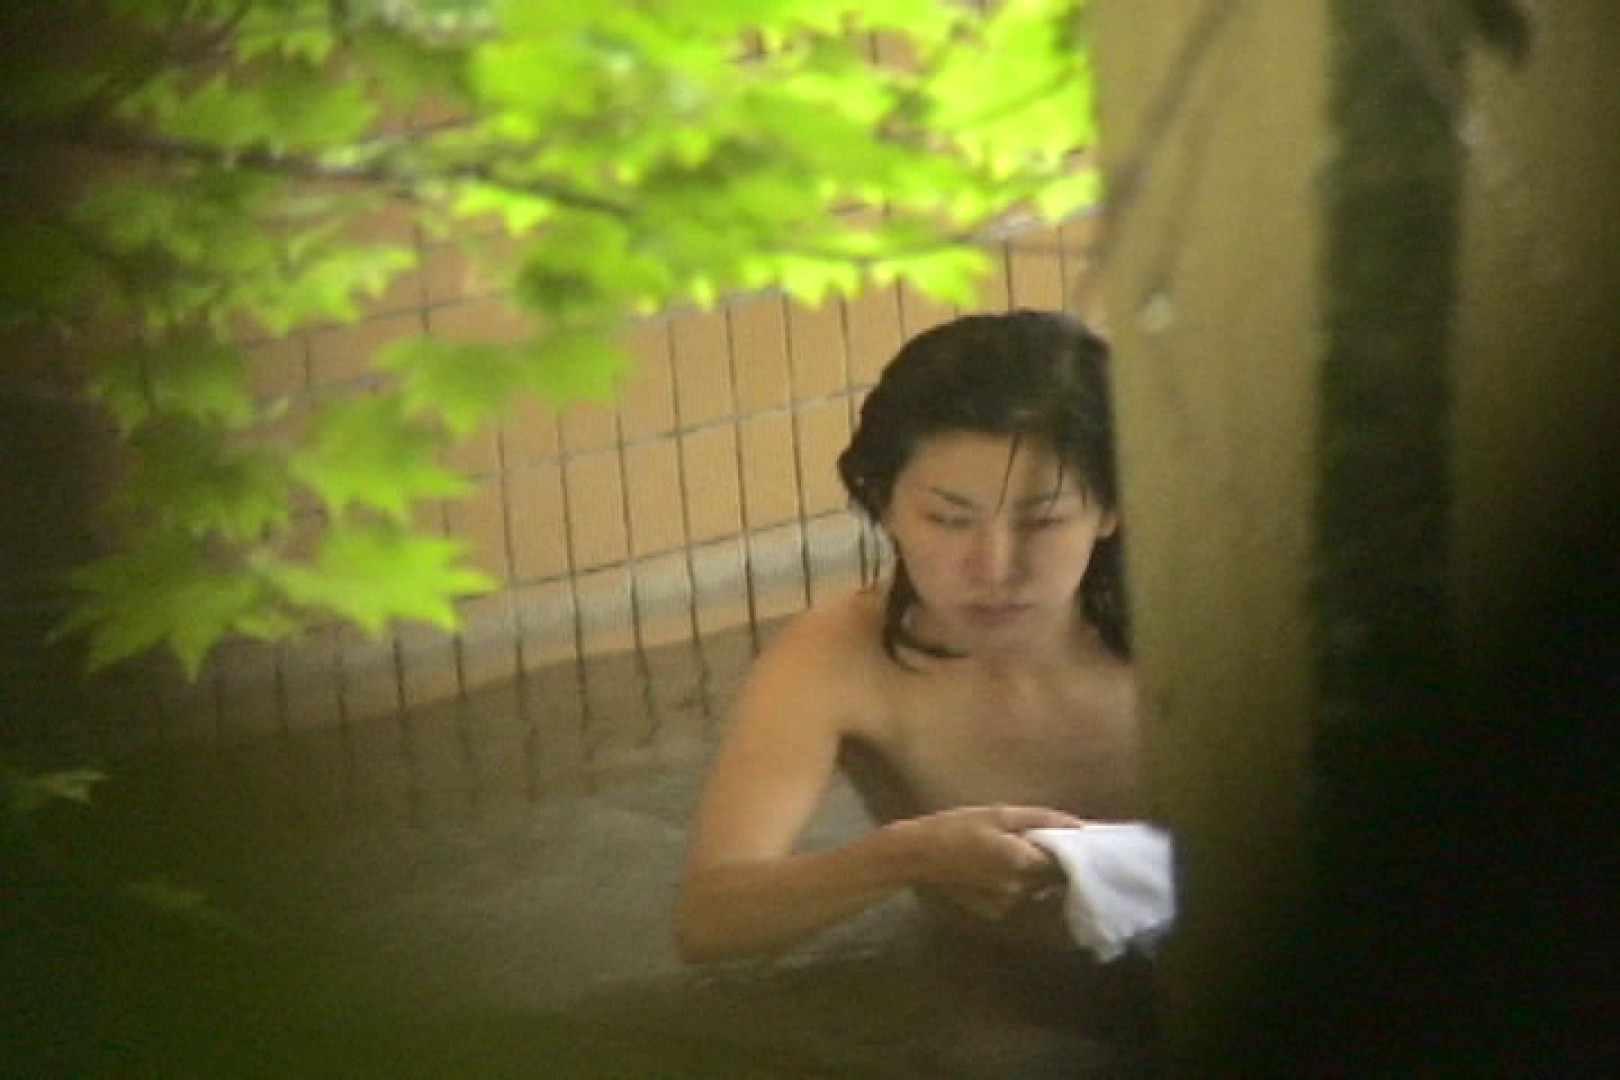 Aquaな露天風呂Vol.711 盗撮 エロ画像 81PICs 8